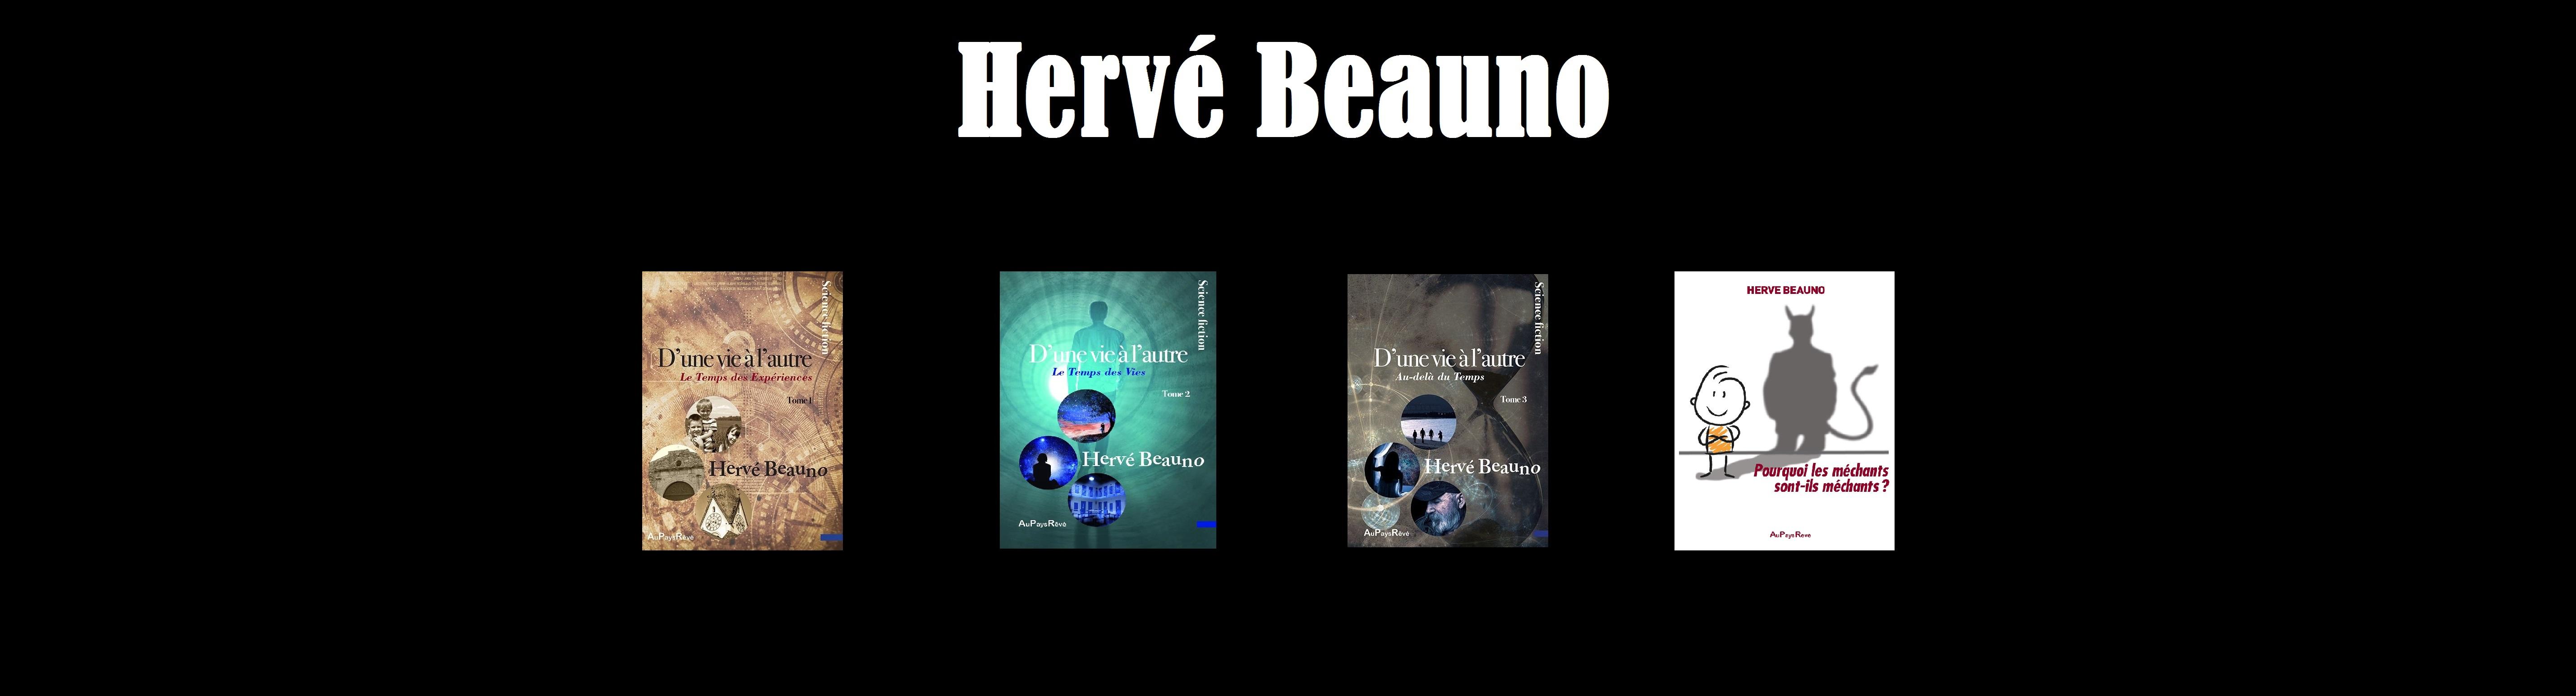 Herve beauno - Bandeau - site - 2019 - Mars